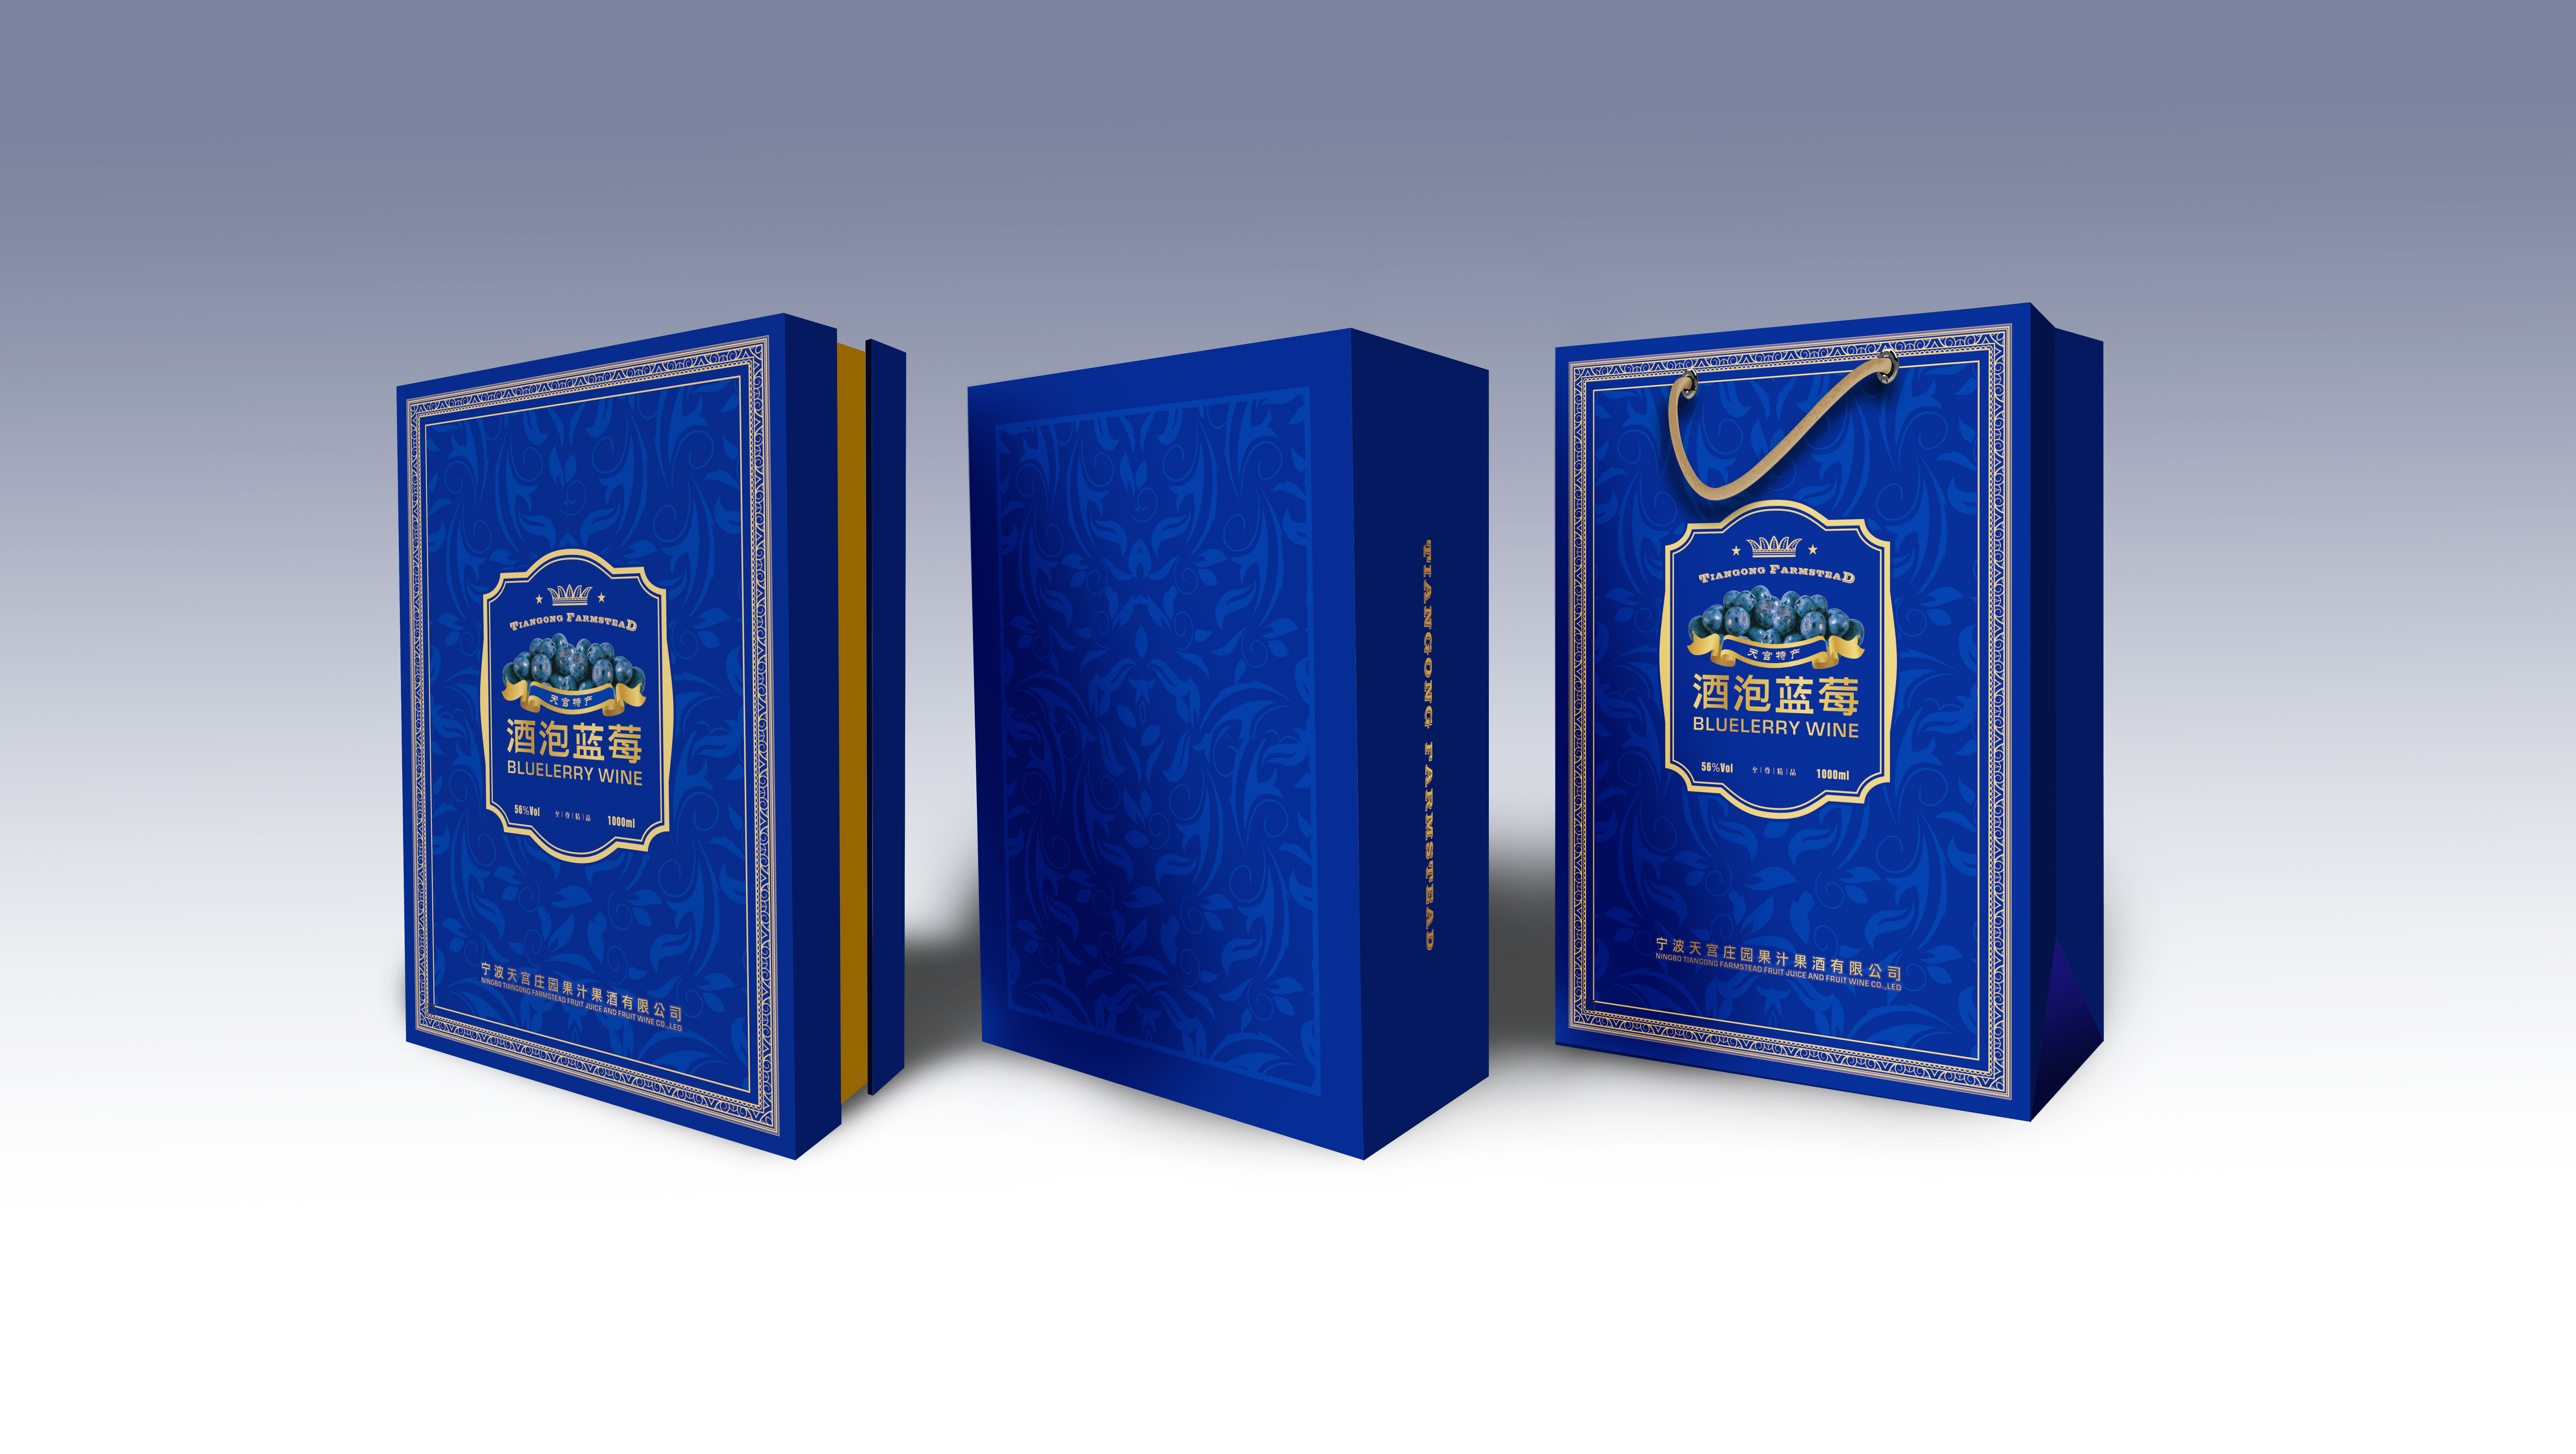 藍莓酒包裝設計